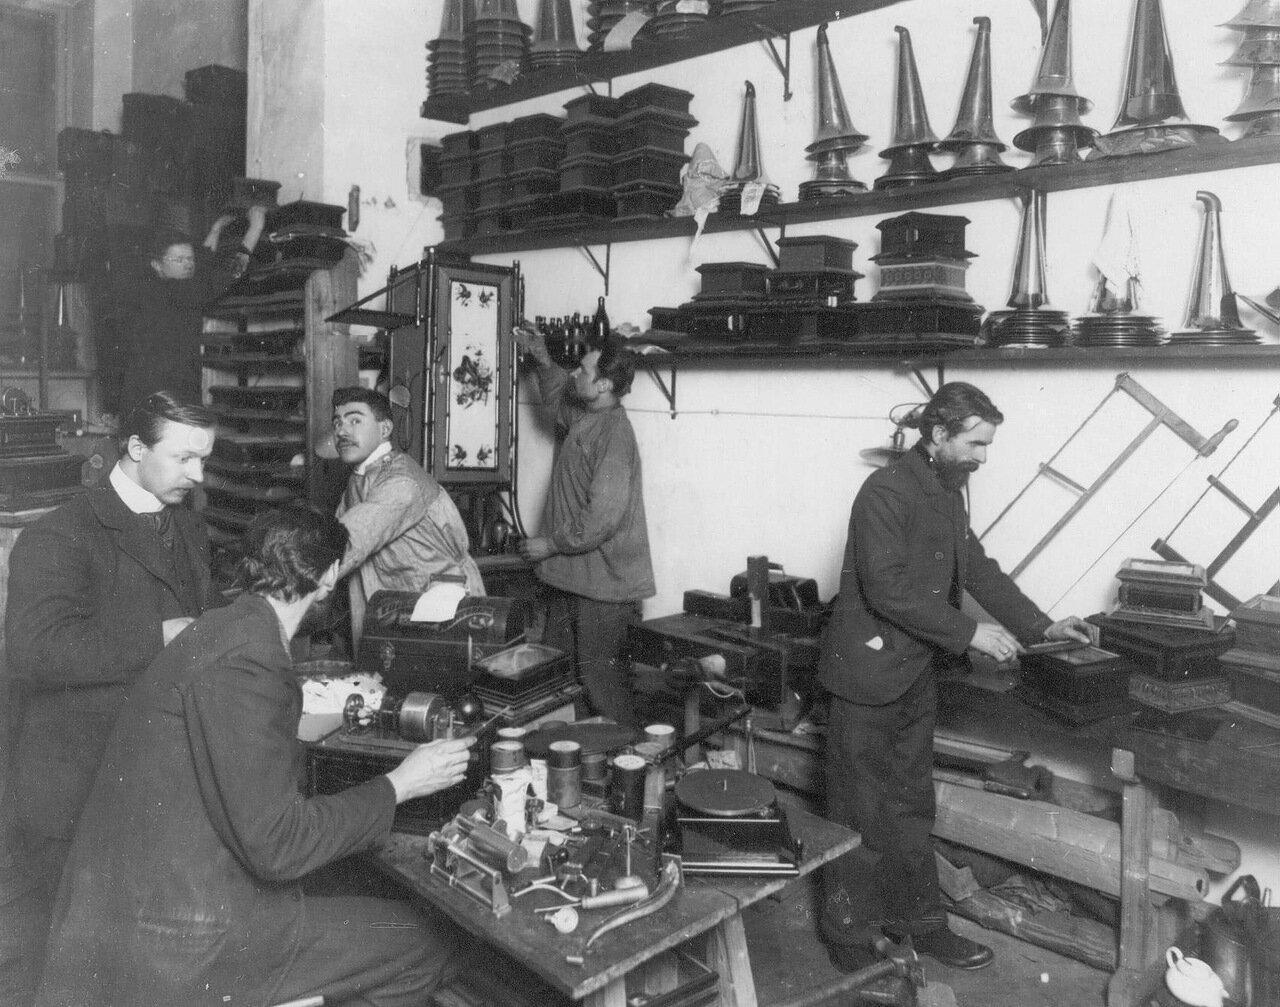 05. Рабочие акционерного общества «Граммофон» за изготовлением граммофонов. 1910